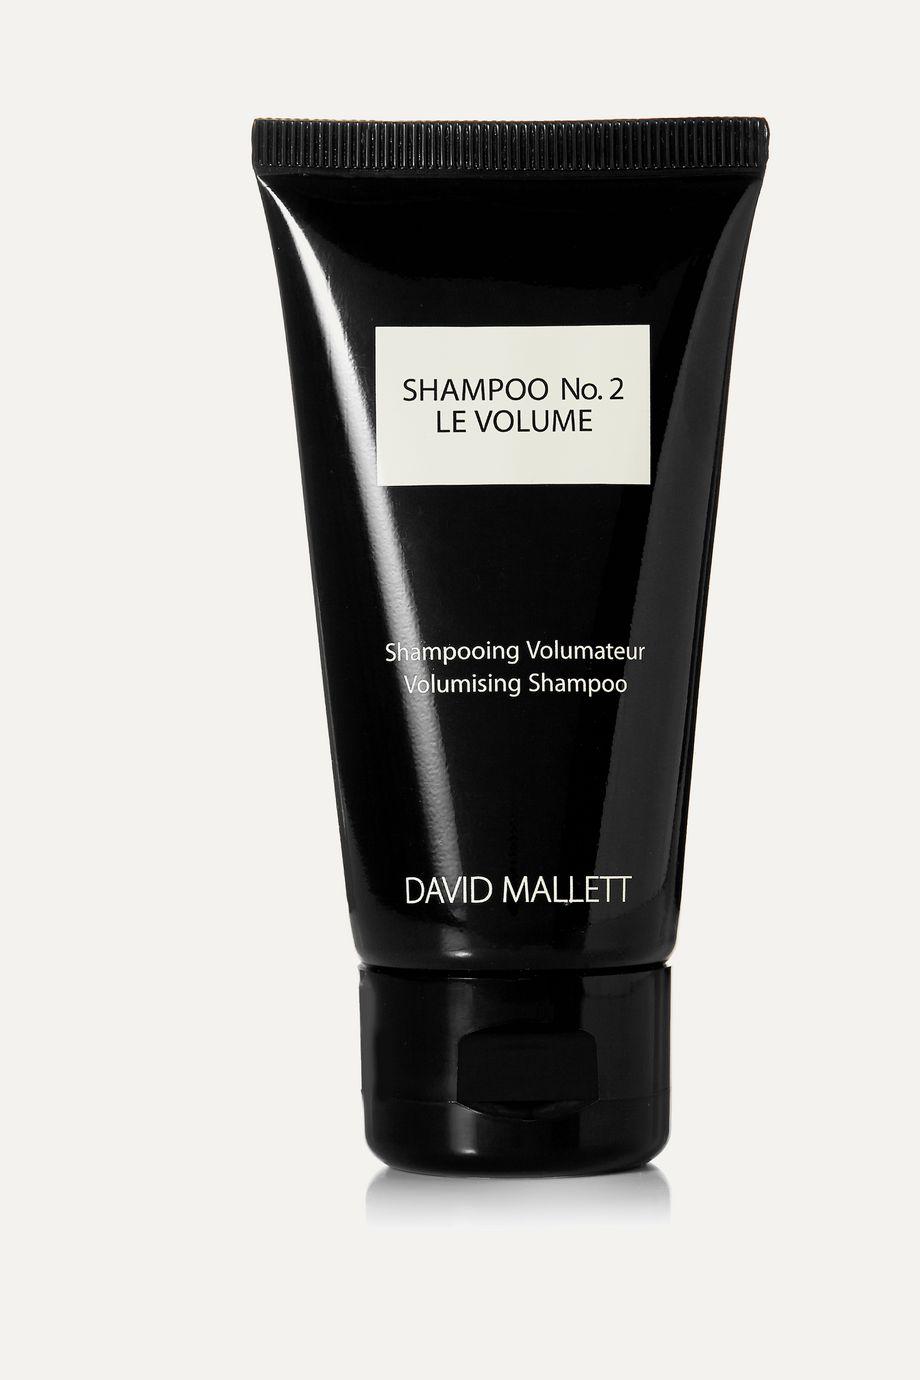 David Mallett Shampoo No.2: Le Volume, 50 ml – Volumenshampoo